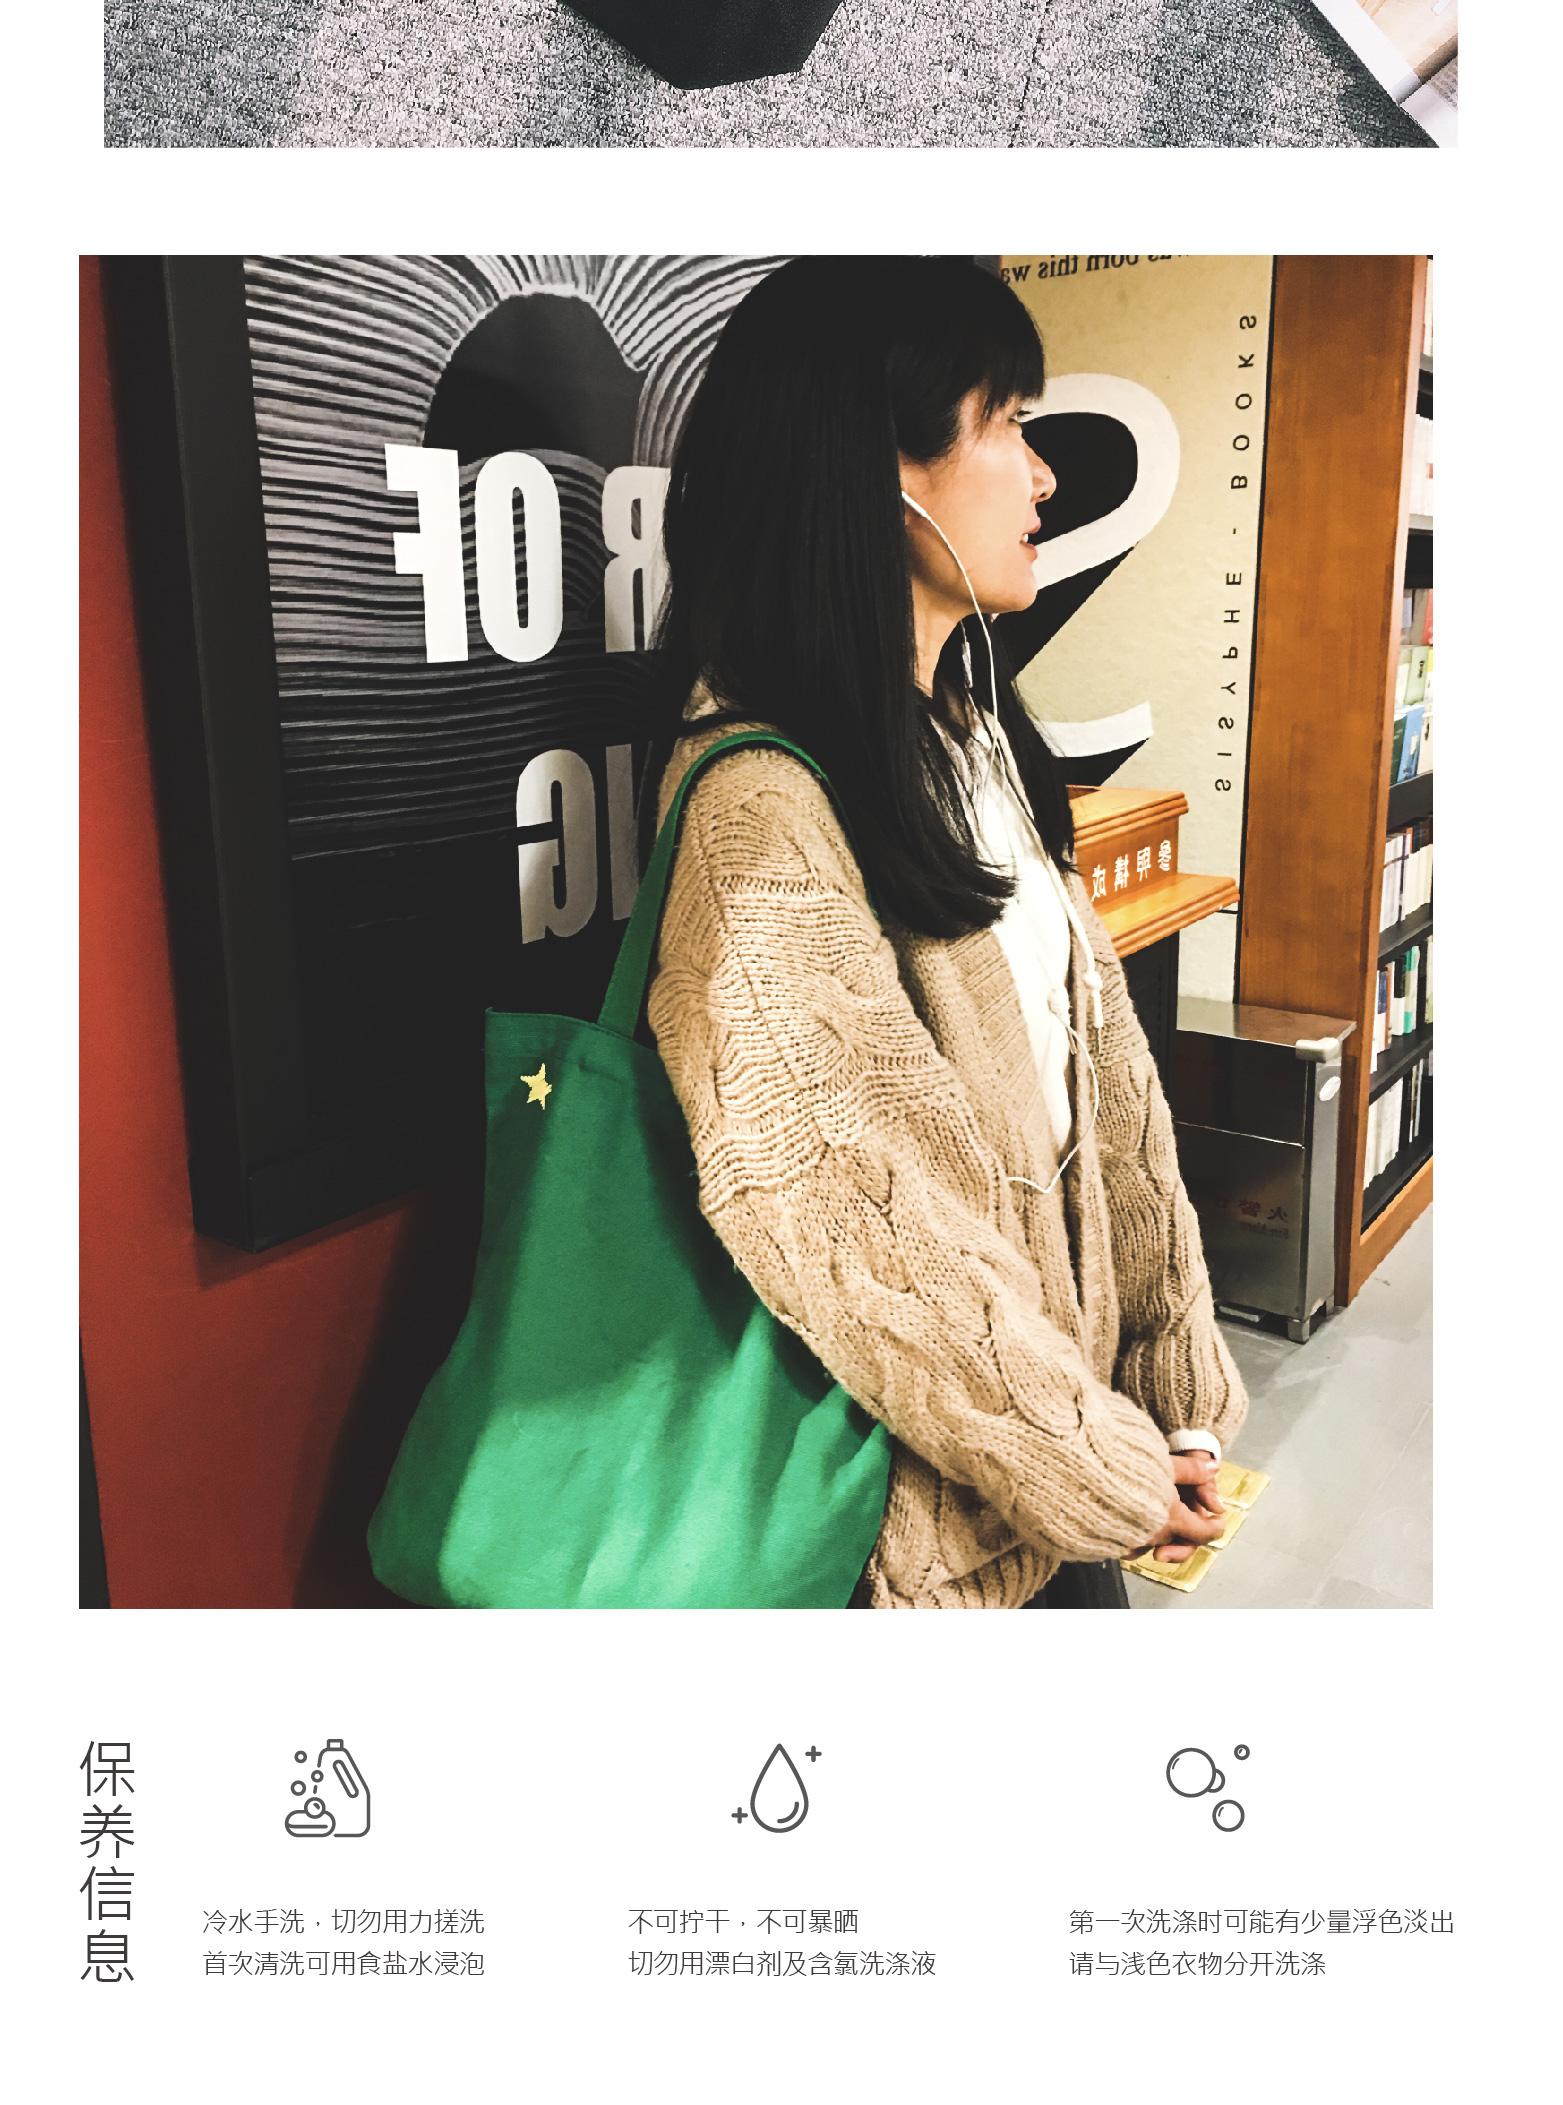 9889_01-14.jpg